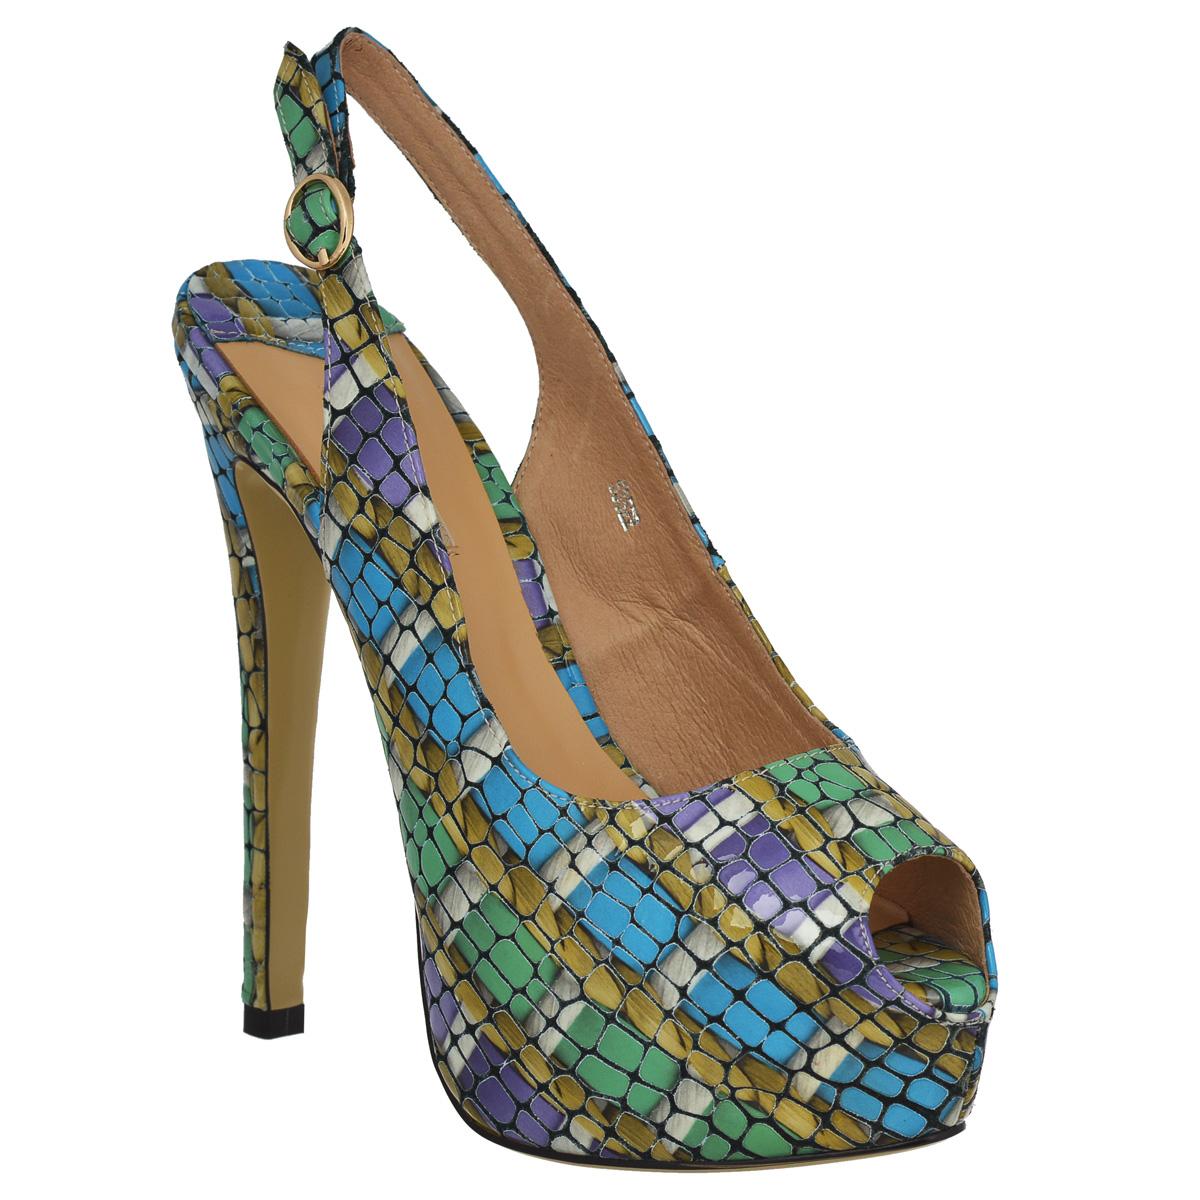 Босоножки Vitacci, цвет: синий, фиолетовый, зеленый. 53522. Размер 4053522Яркие босоножки Vitacci заинтересуют вас своим дизайном. Модель изготовлена из натуральной лакированной кожи и декорирована оригинальным тиснением, стильным абстрактным принтом. Открытый носок смотрится женственно. Открытый задник дополнен кожаным ремешком с металлической пряжкой закругленной формы, который обеспечивает прочную фиксацию модели на щиколотке. Длина ремешка регулируется за счет болта. Стелька из натуральной кожи позволяет ногам дышать. Ультравысокий каблук компенсирован скрытой платформой. Подошва - с противоскользящим рифлением.Эффектные босоножки помогут вам создать яркий запоминающийся образ.